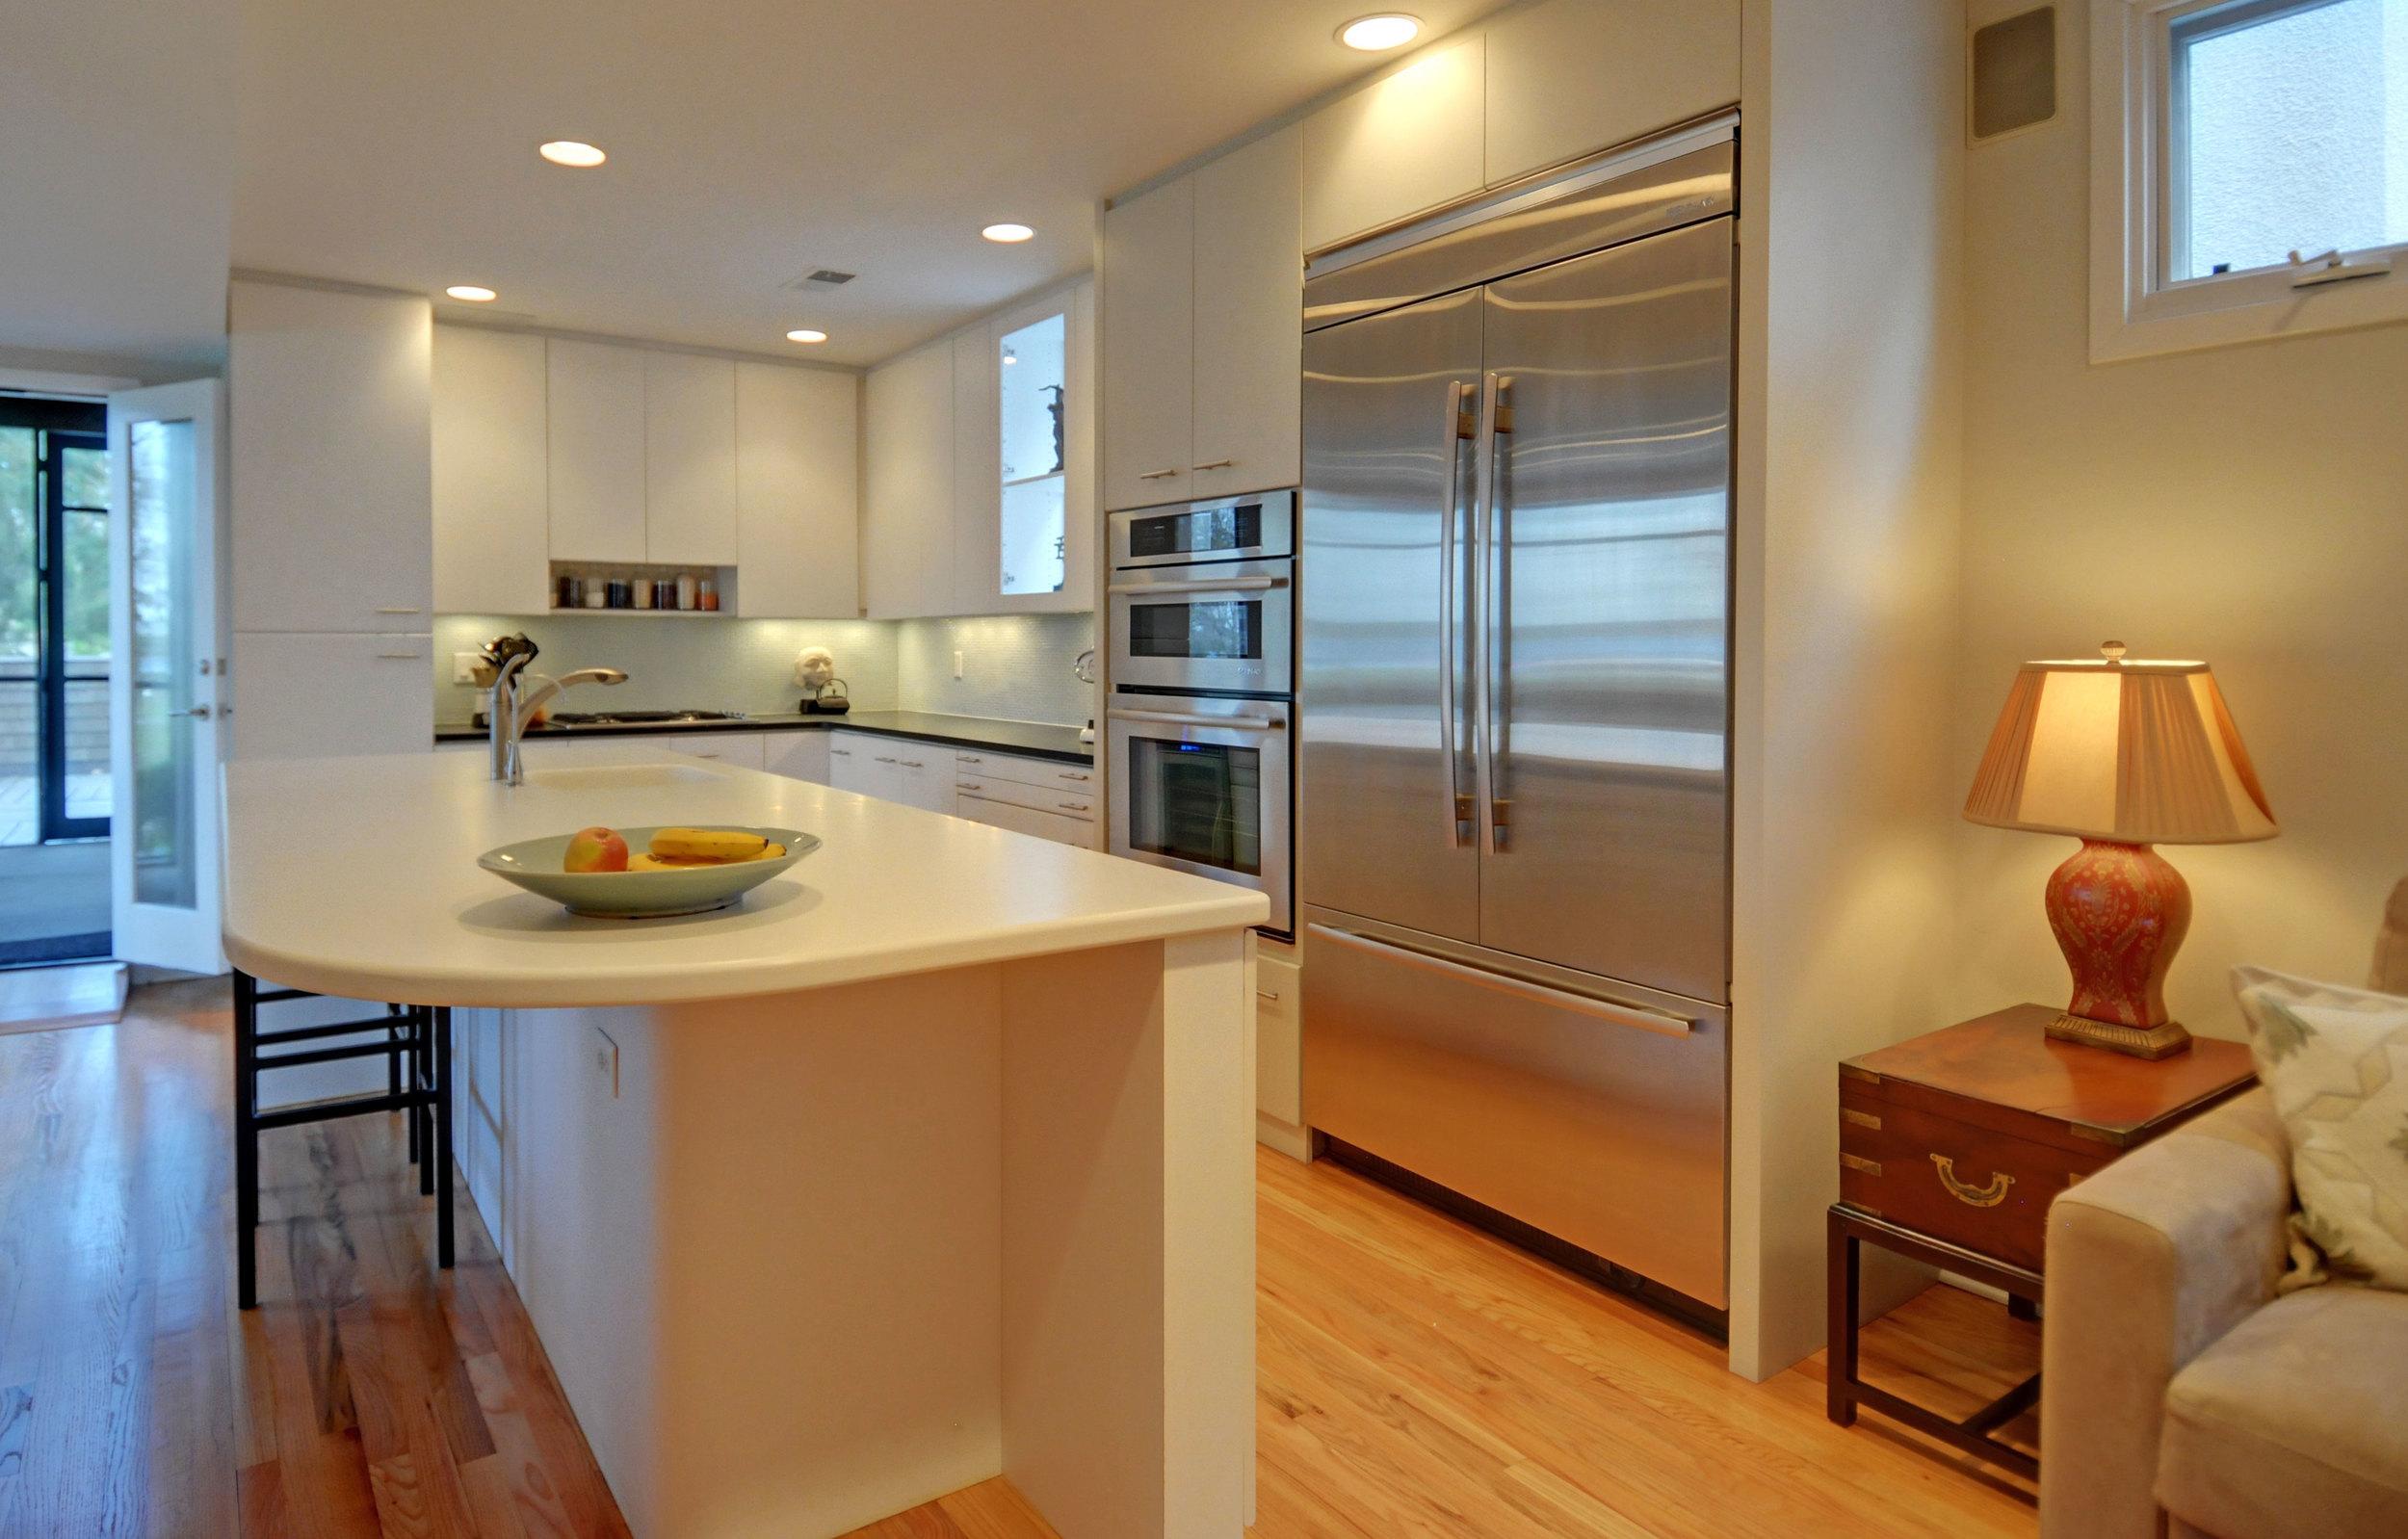 5 3738-kitchen-looking-to-porch.jpg